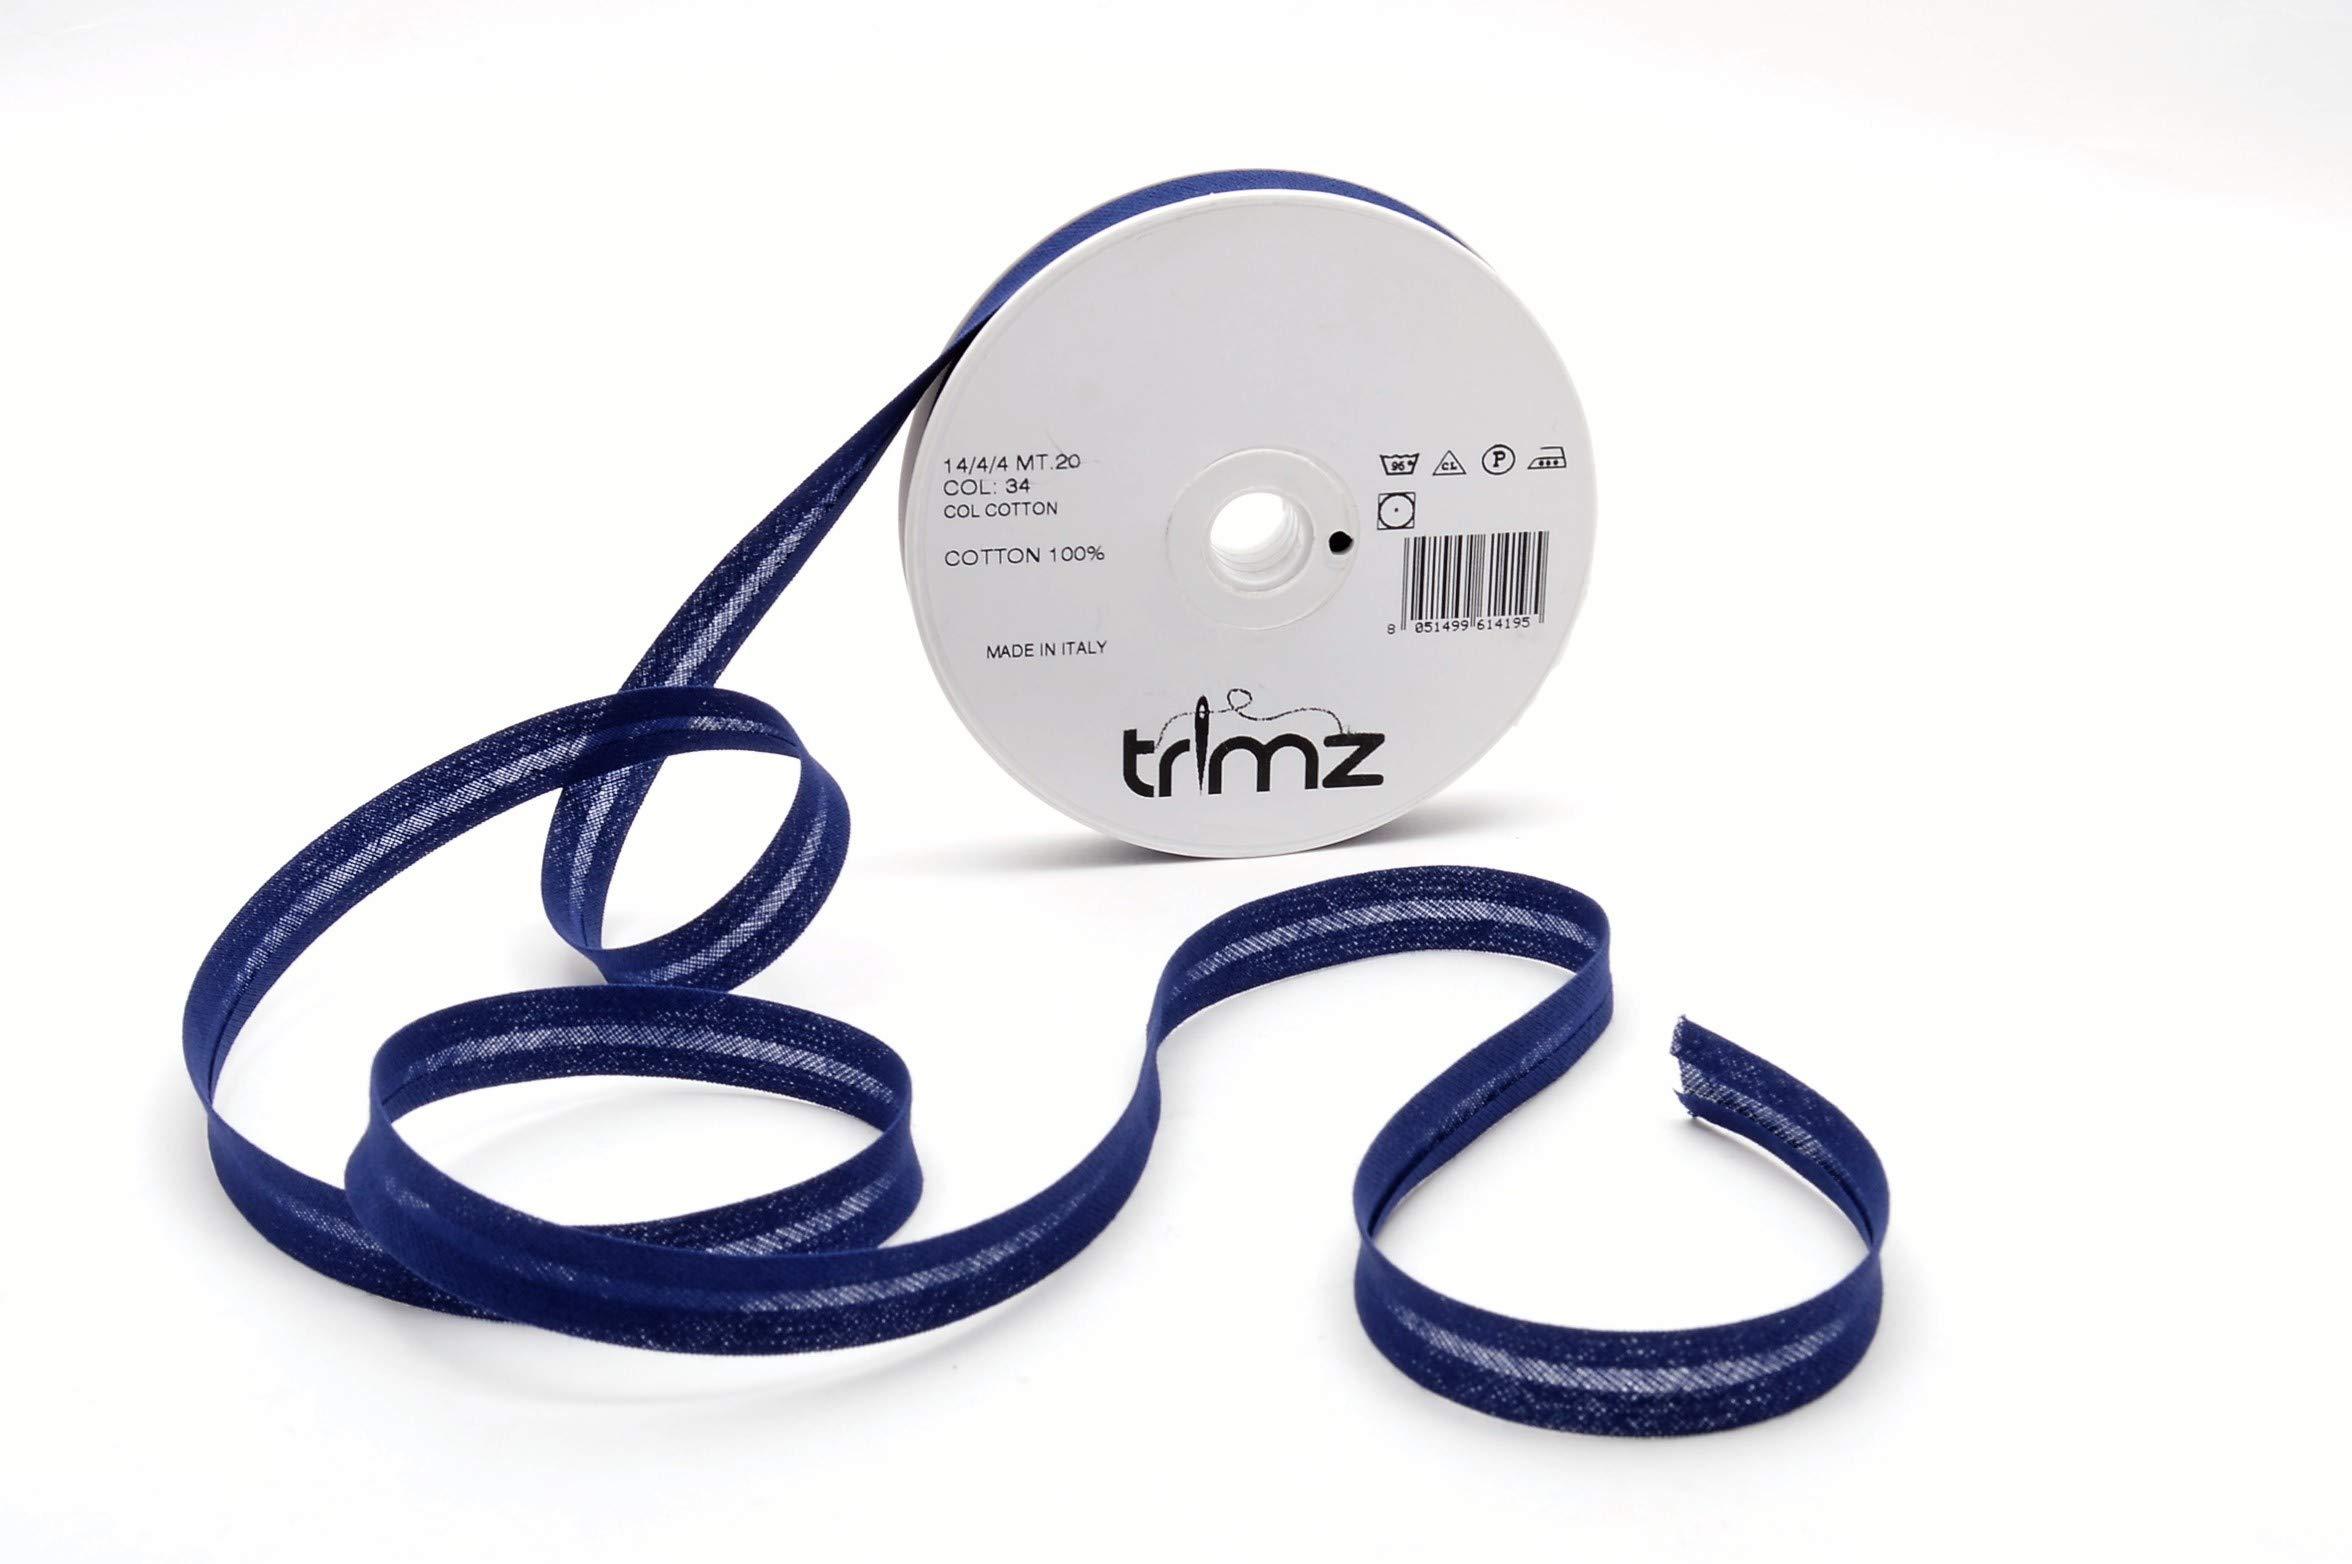 Inastri - Cinta bies de algodón, 14/4/ 4 mm, Color Azul Marino 34: Amazon.es: Hogar